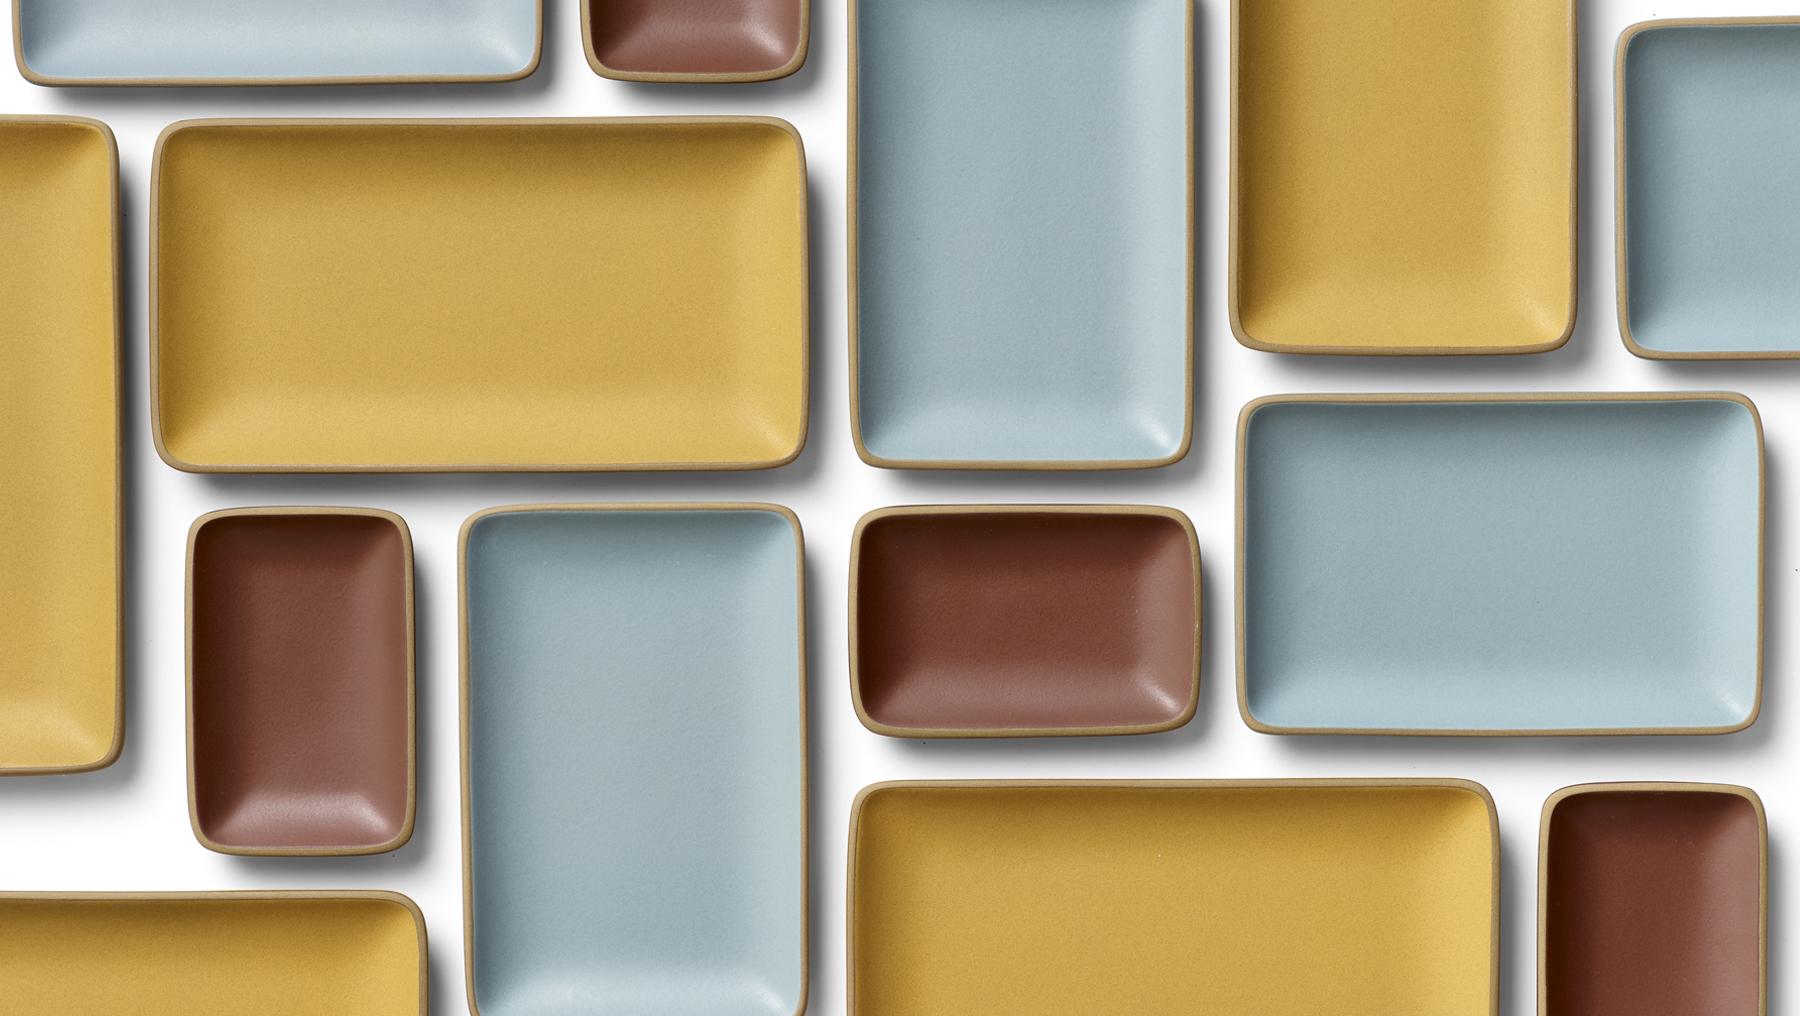 Heath Ceramics Circuit Board Computer Brown Gold Copper Tie Clipsilvergift Boxusa Winters Palette